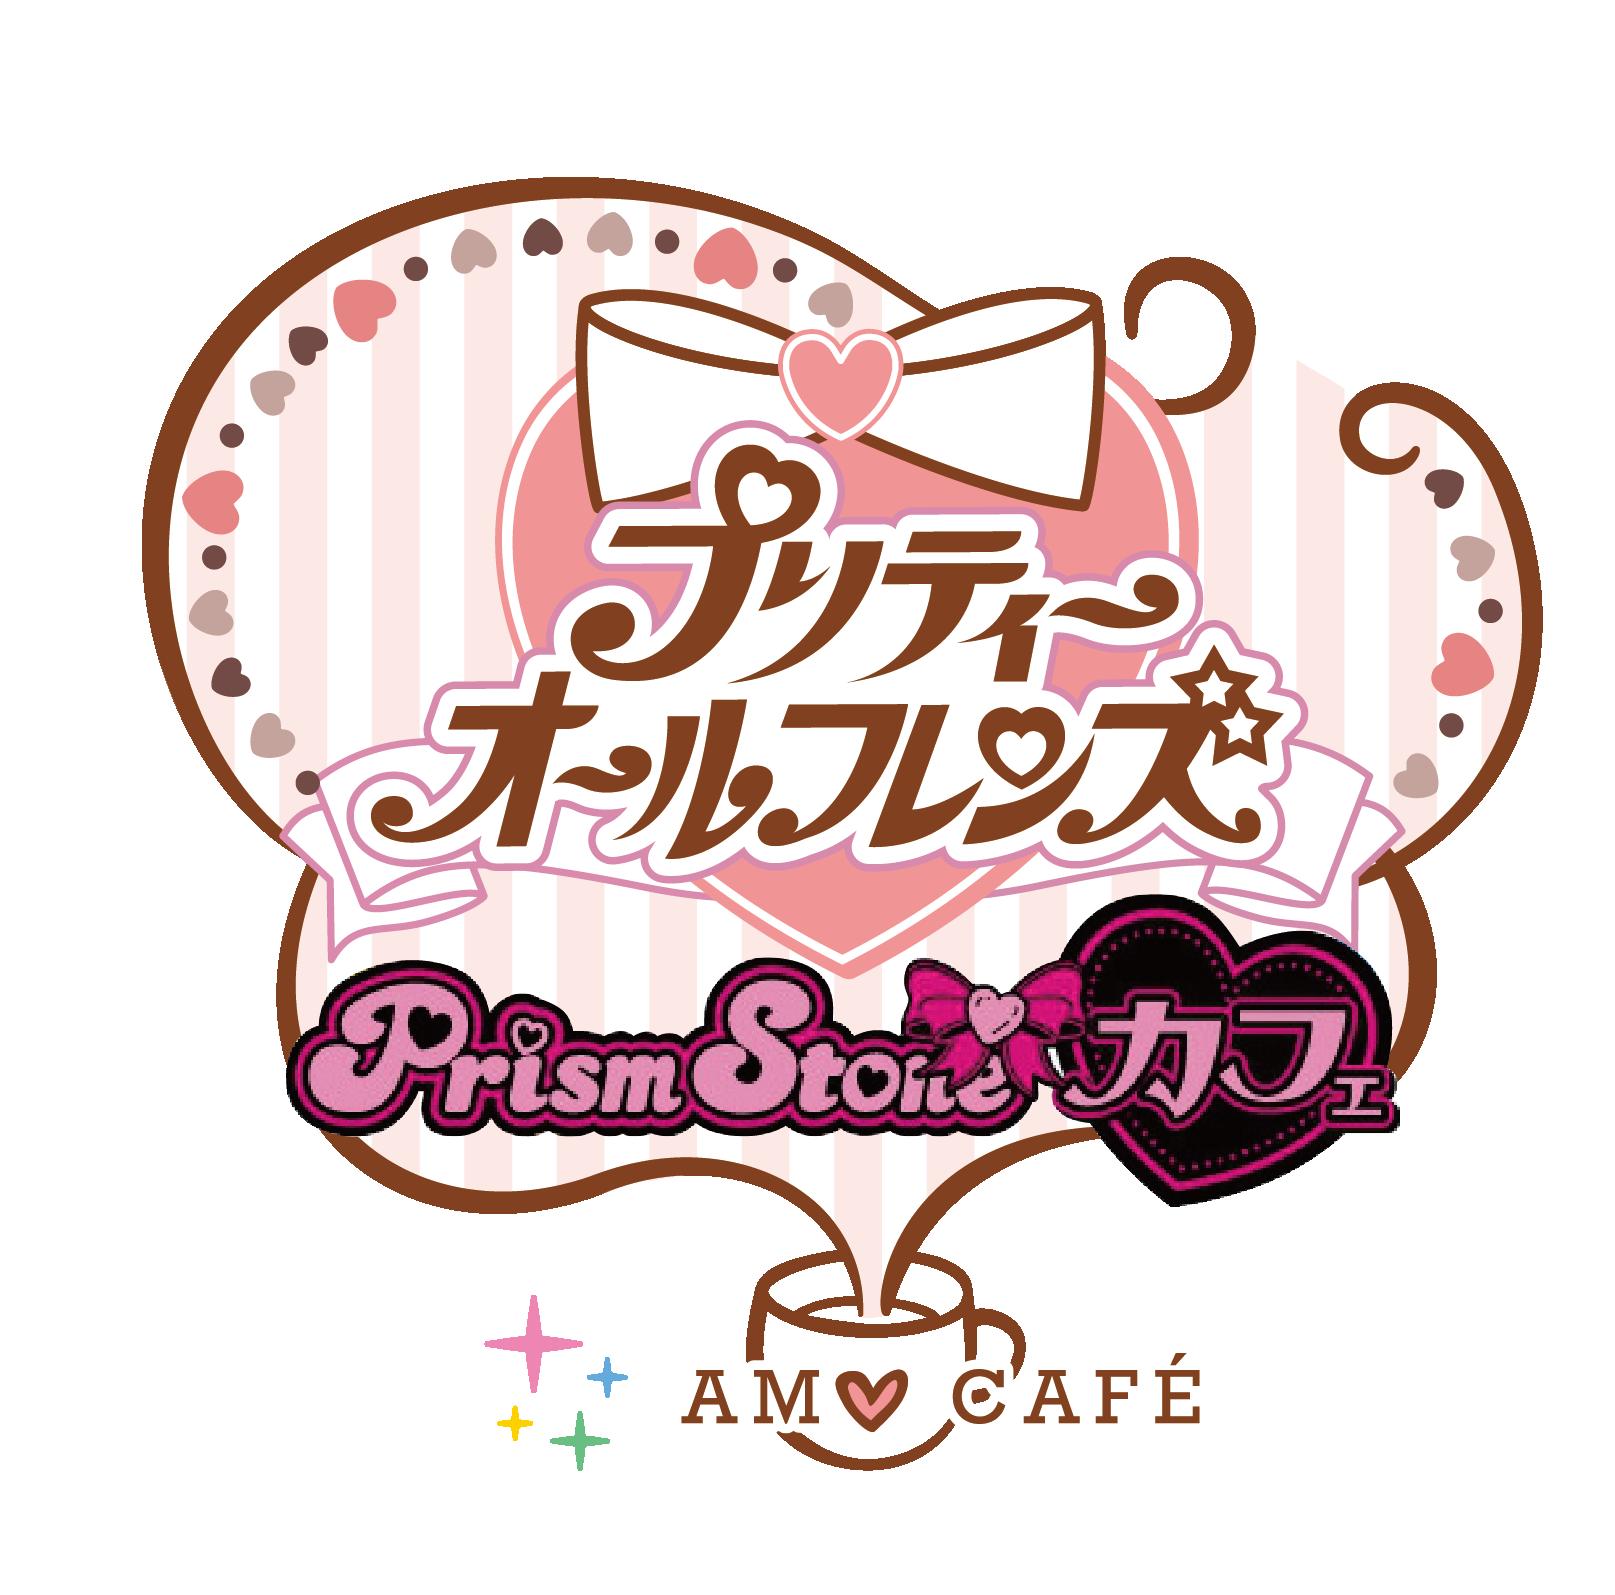 彩瀬なる役:加藤英美里さん来店イベントinプリズムストーンカフェ